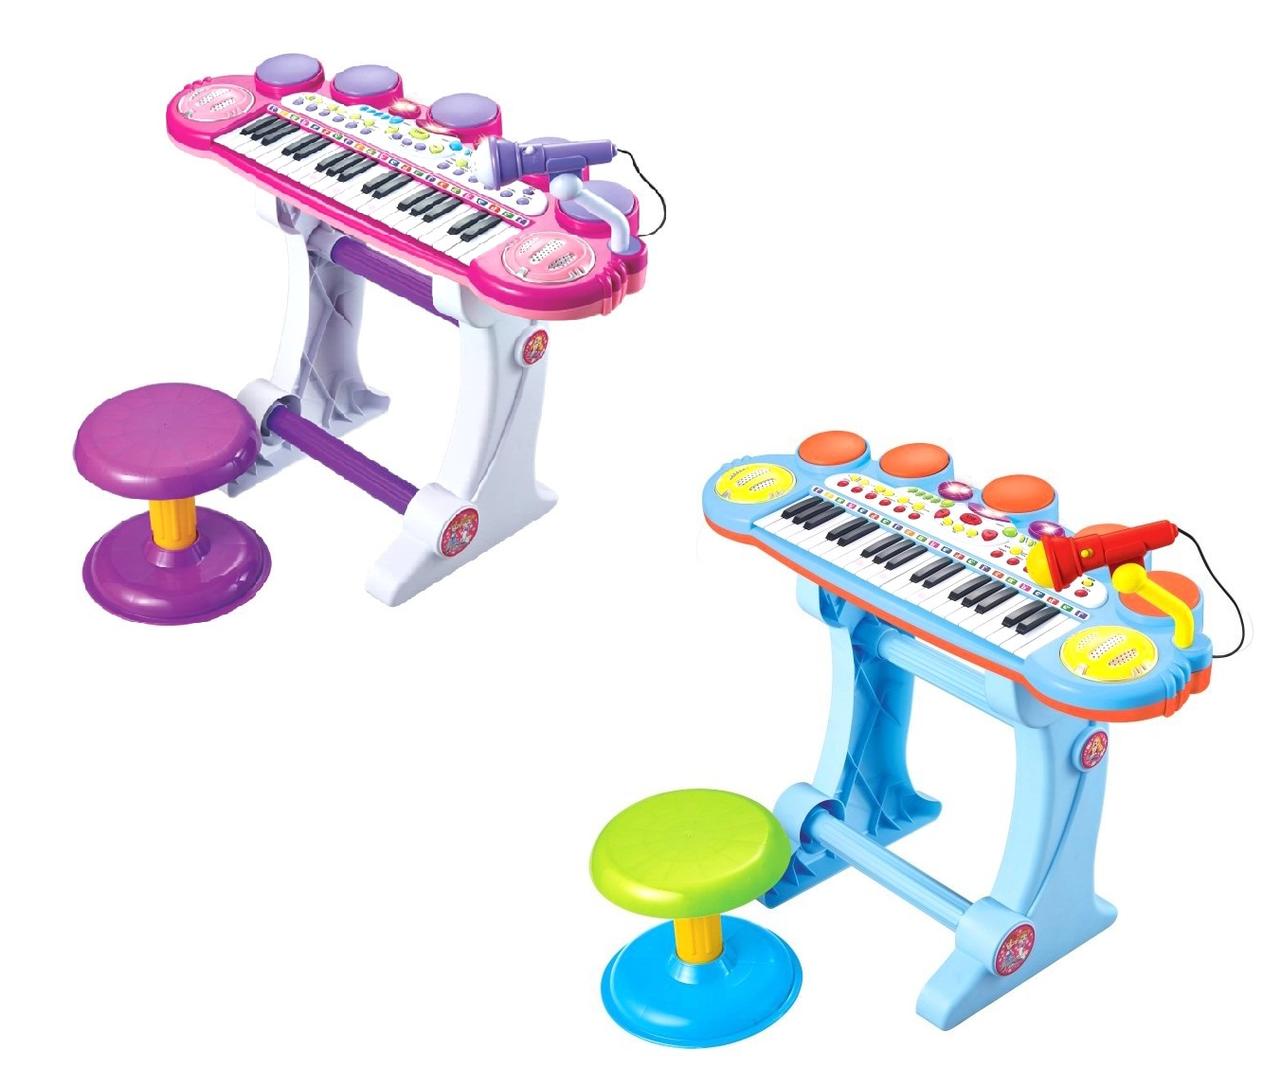 Дитячий синтезатор BB45BD, музика, світло, USB, MP3